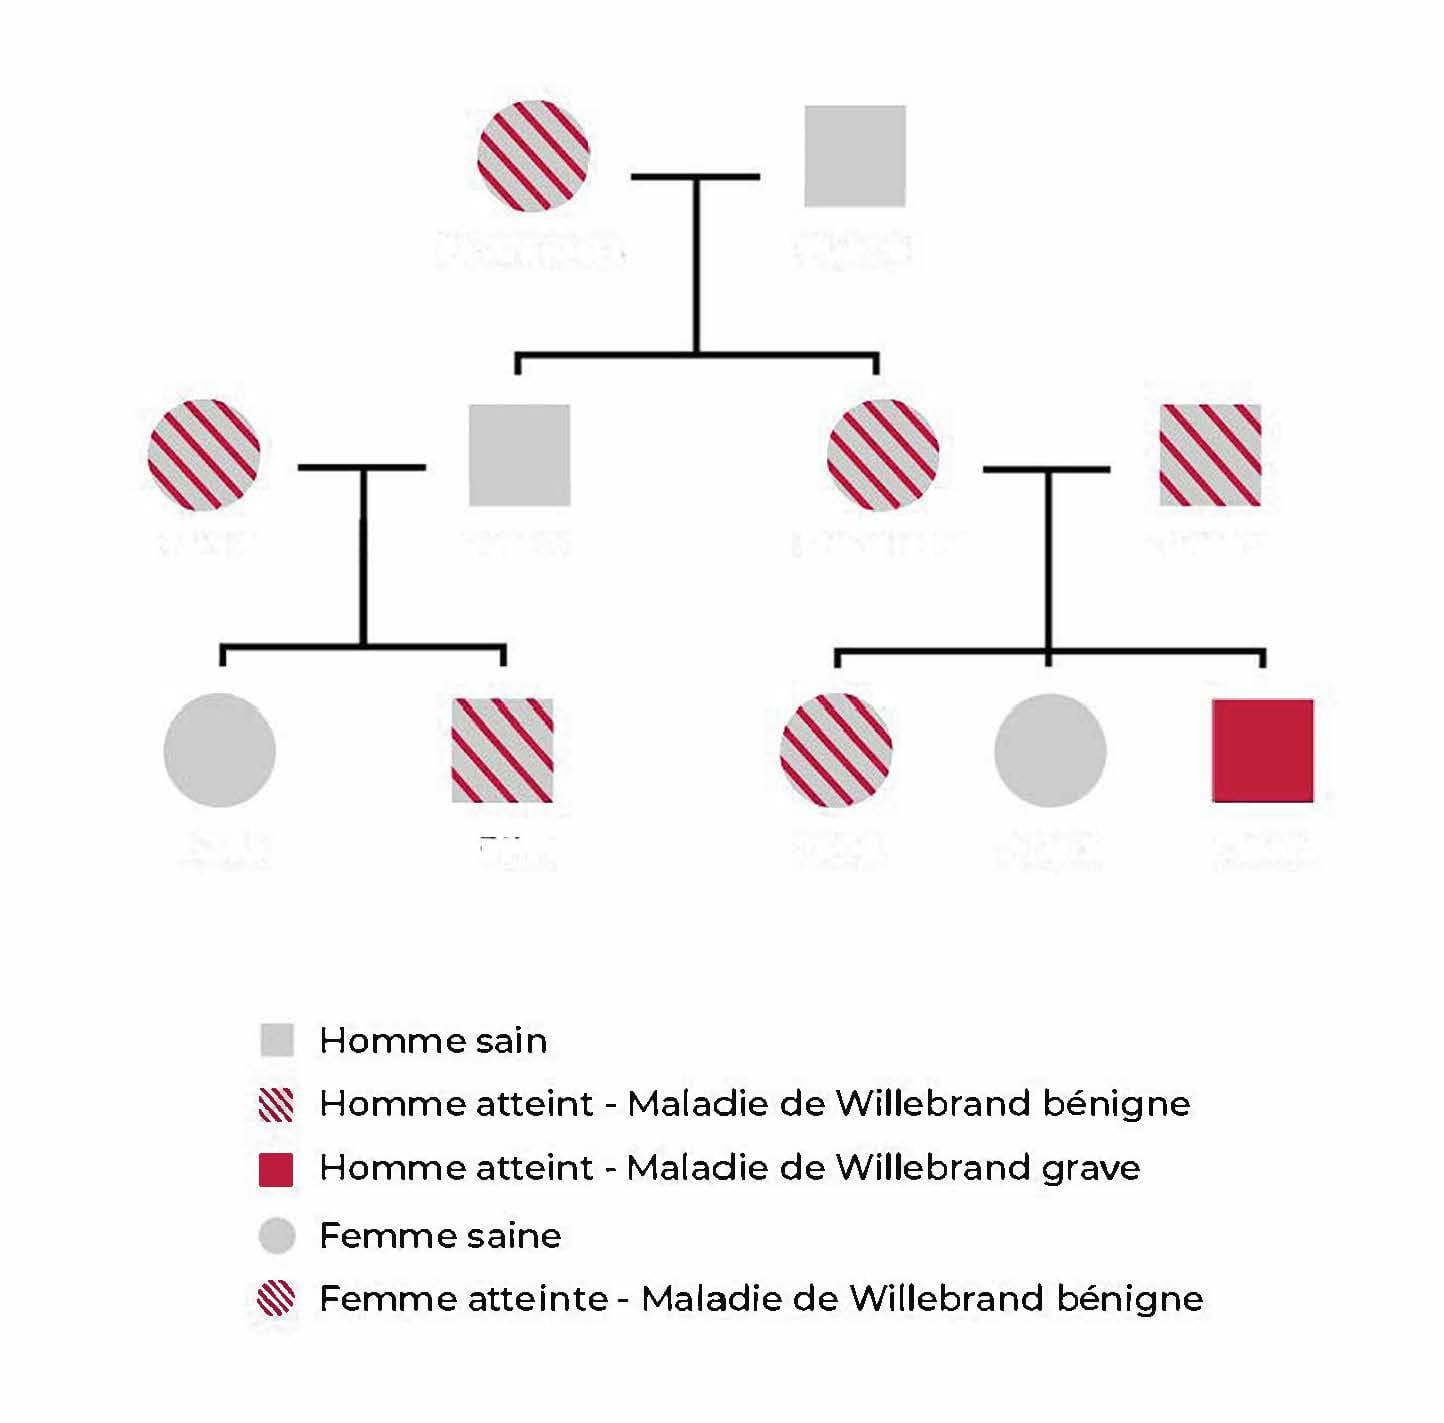 Arbre généalogique de transmission de la maladie de Willebrand